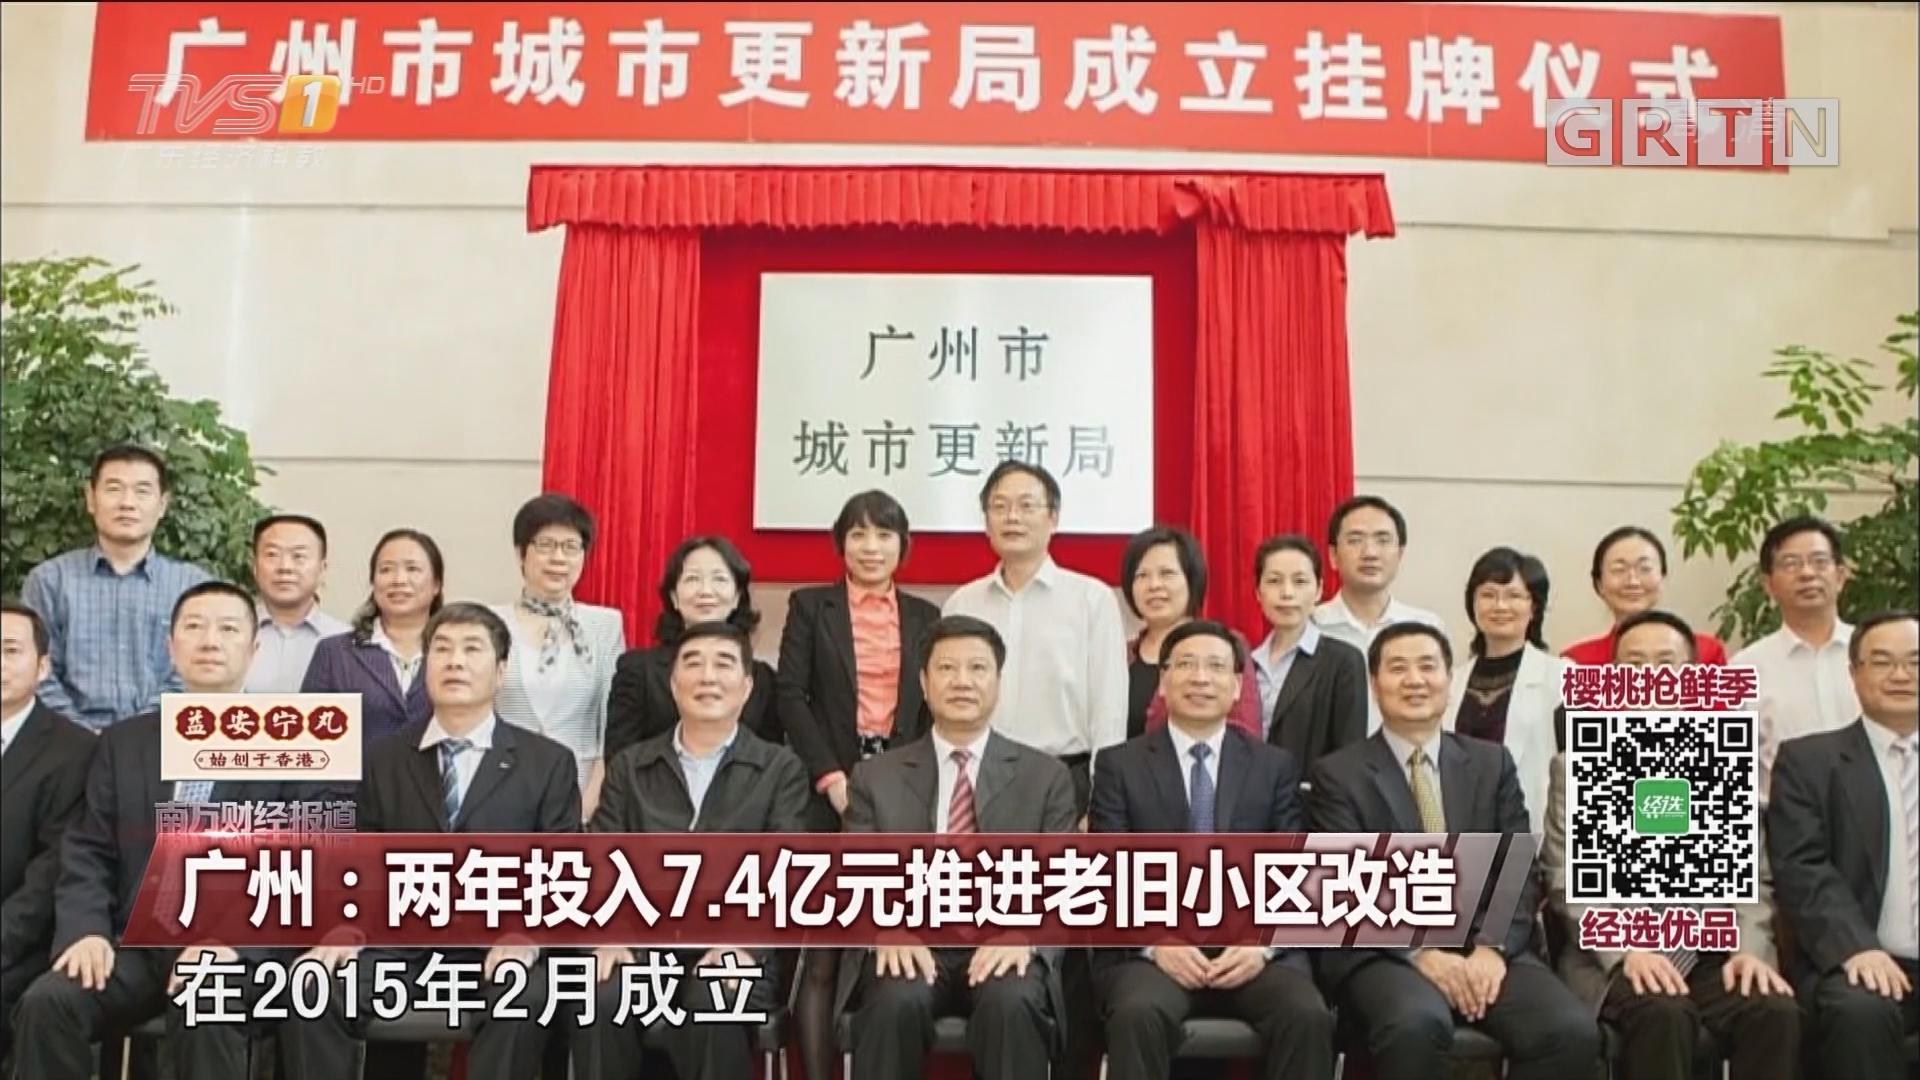 广州:两年投入7.4亿元推进老旧小区改造